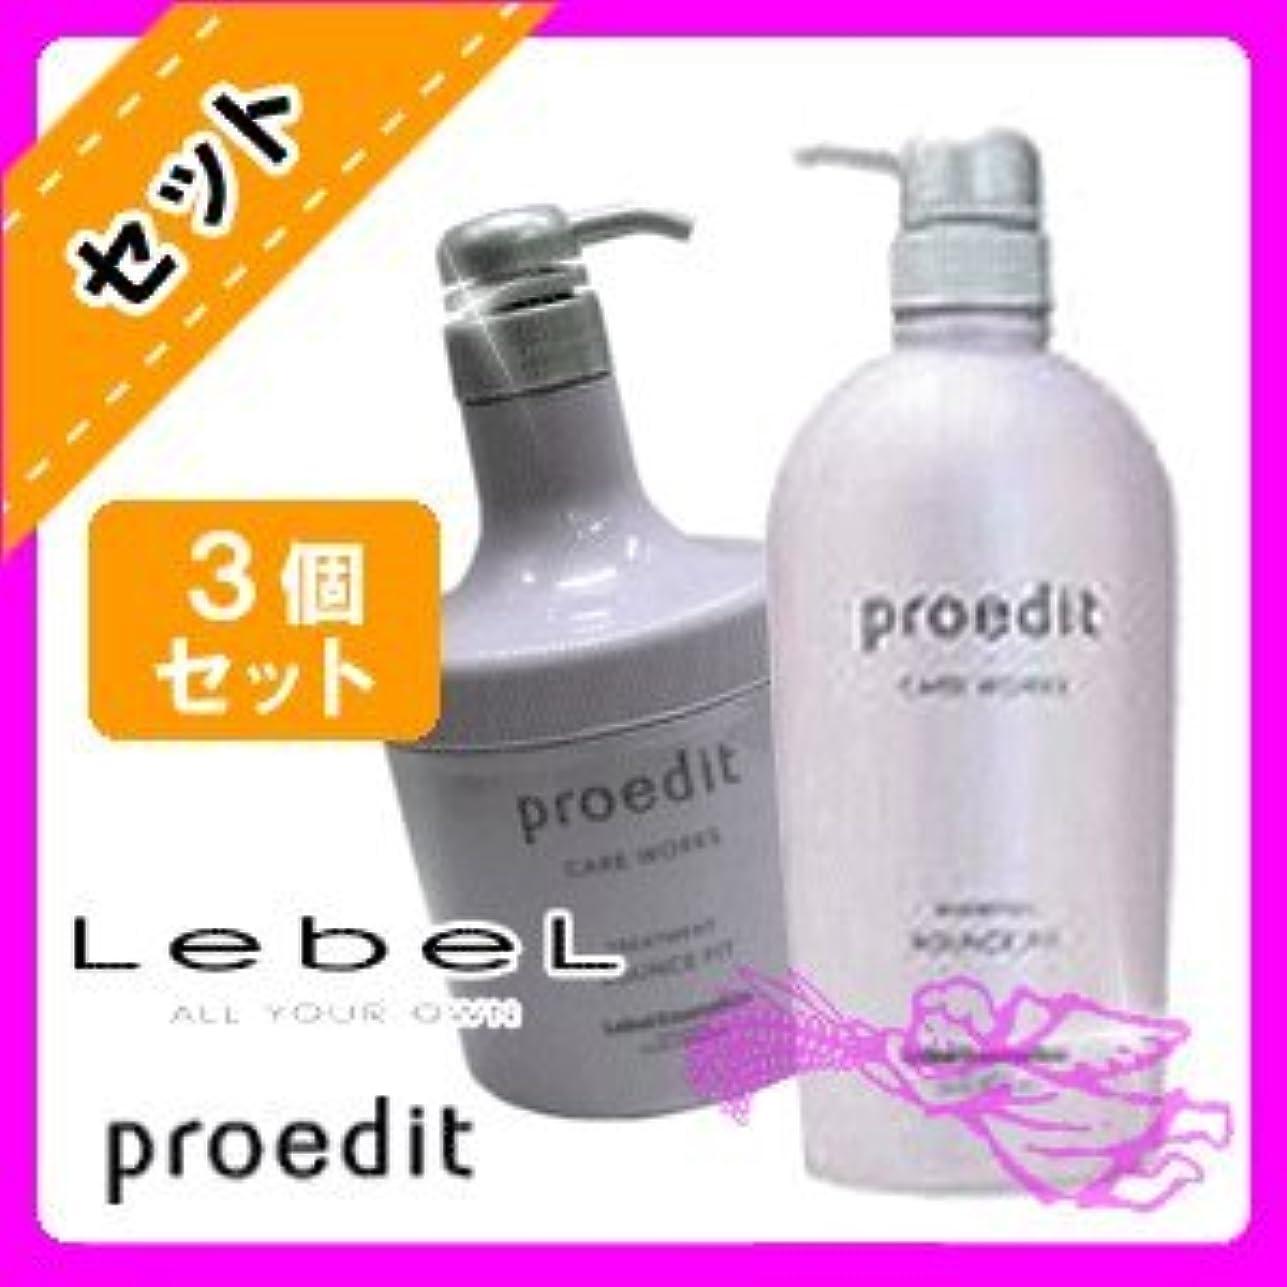 歌浴室予防接種ルベル プロエディット シャンプー バウンスフィット 700mL ×3個 セット & トリートメント バウンスフィット 600mL ×3個 セット セット ふんわりさらさらな仕上がり LebeL proedit